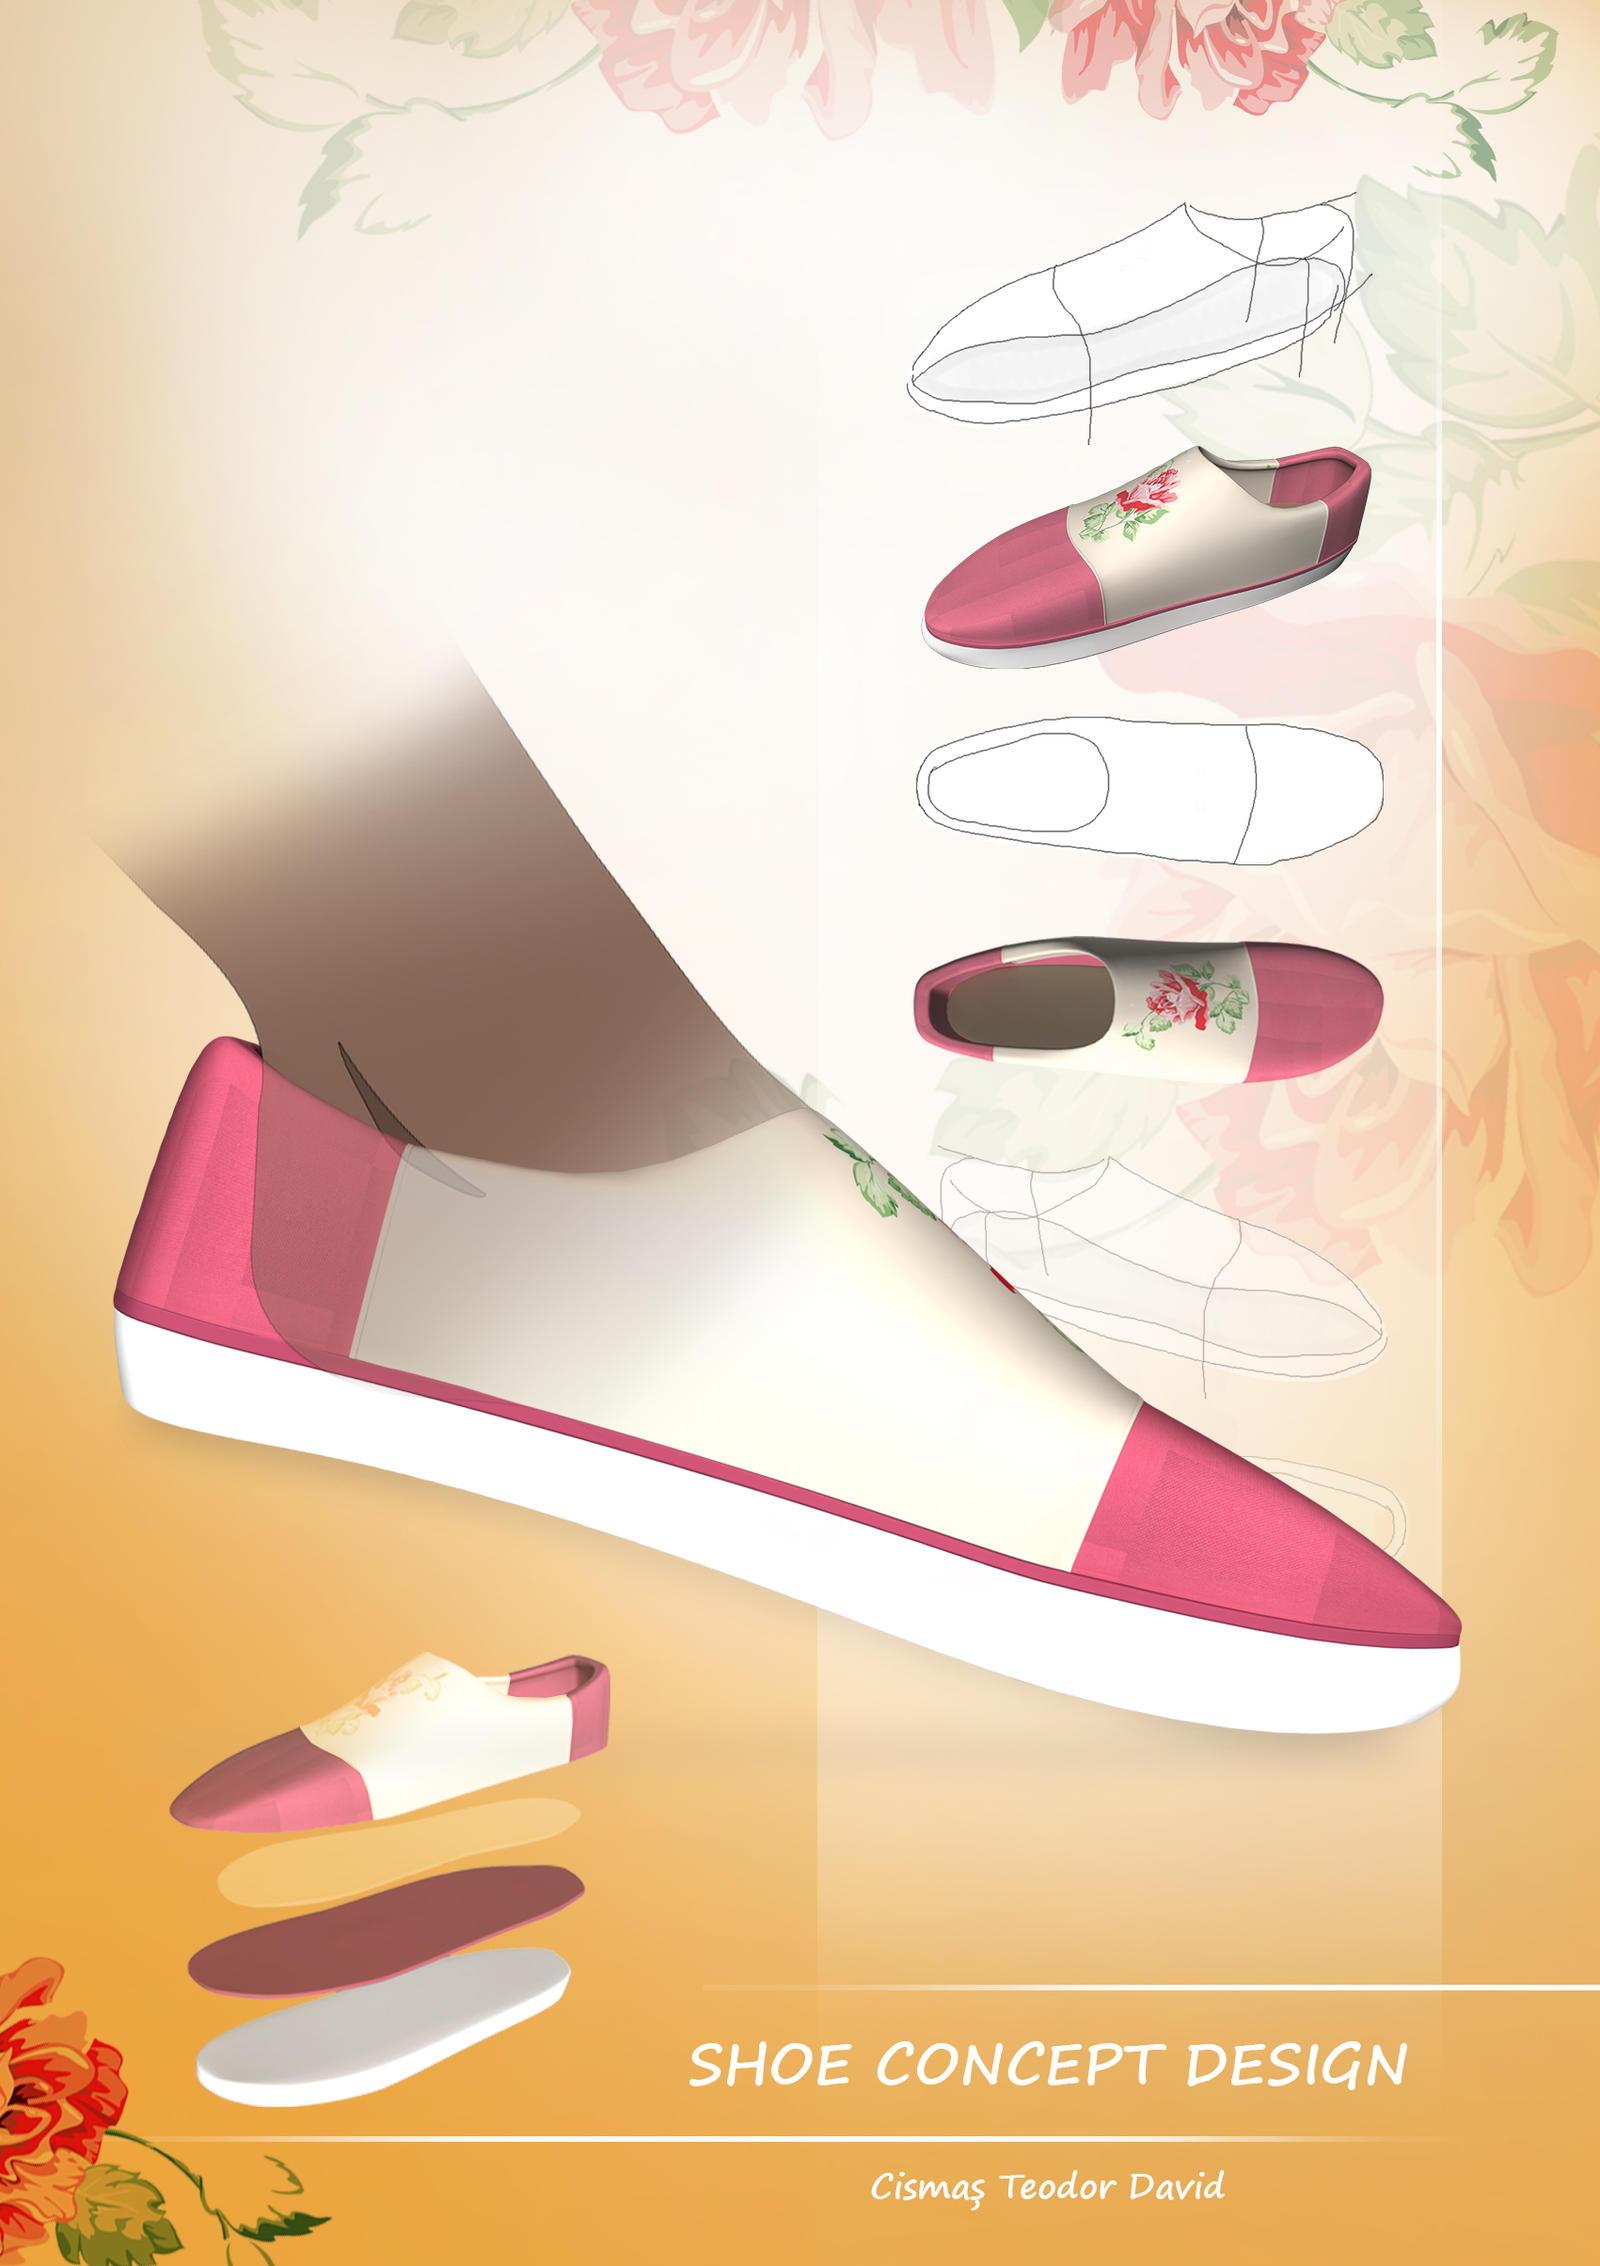 Shoe Graphic Design